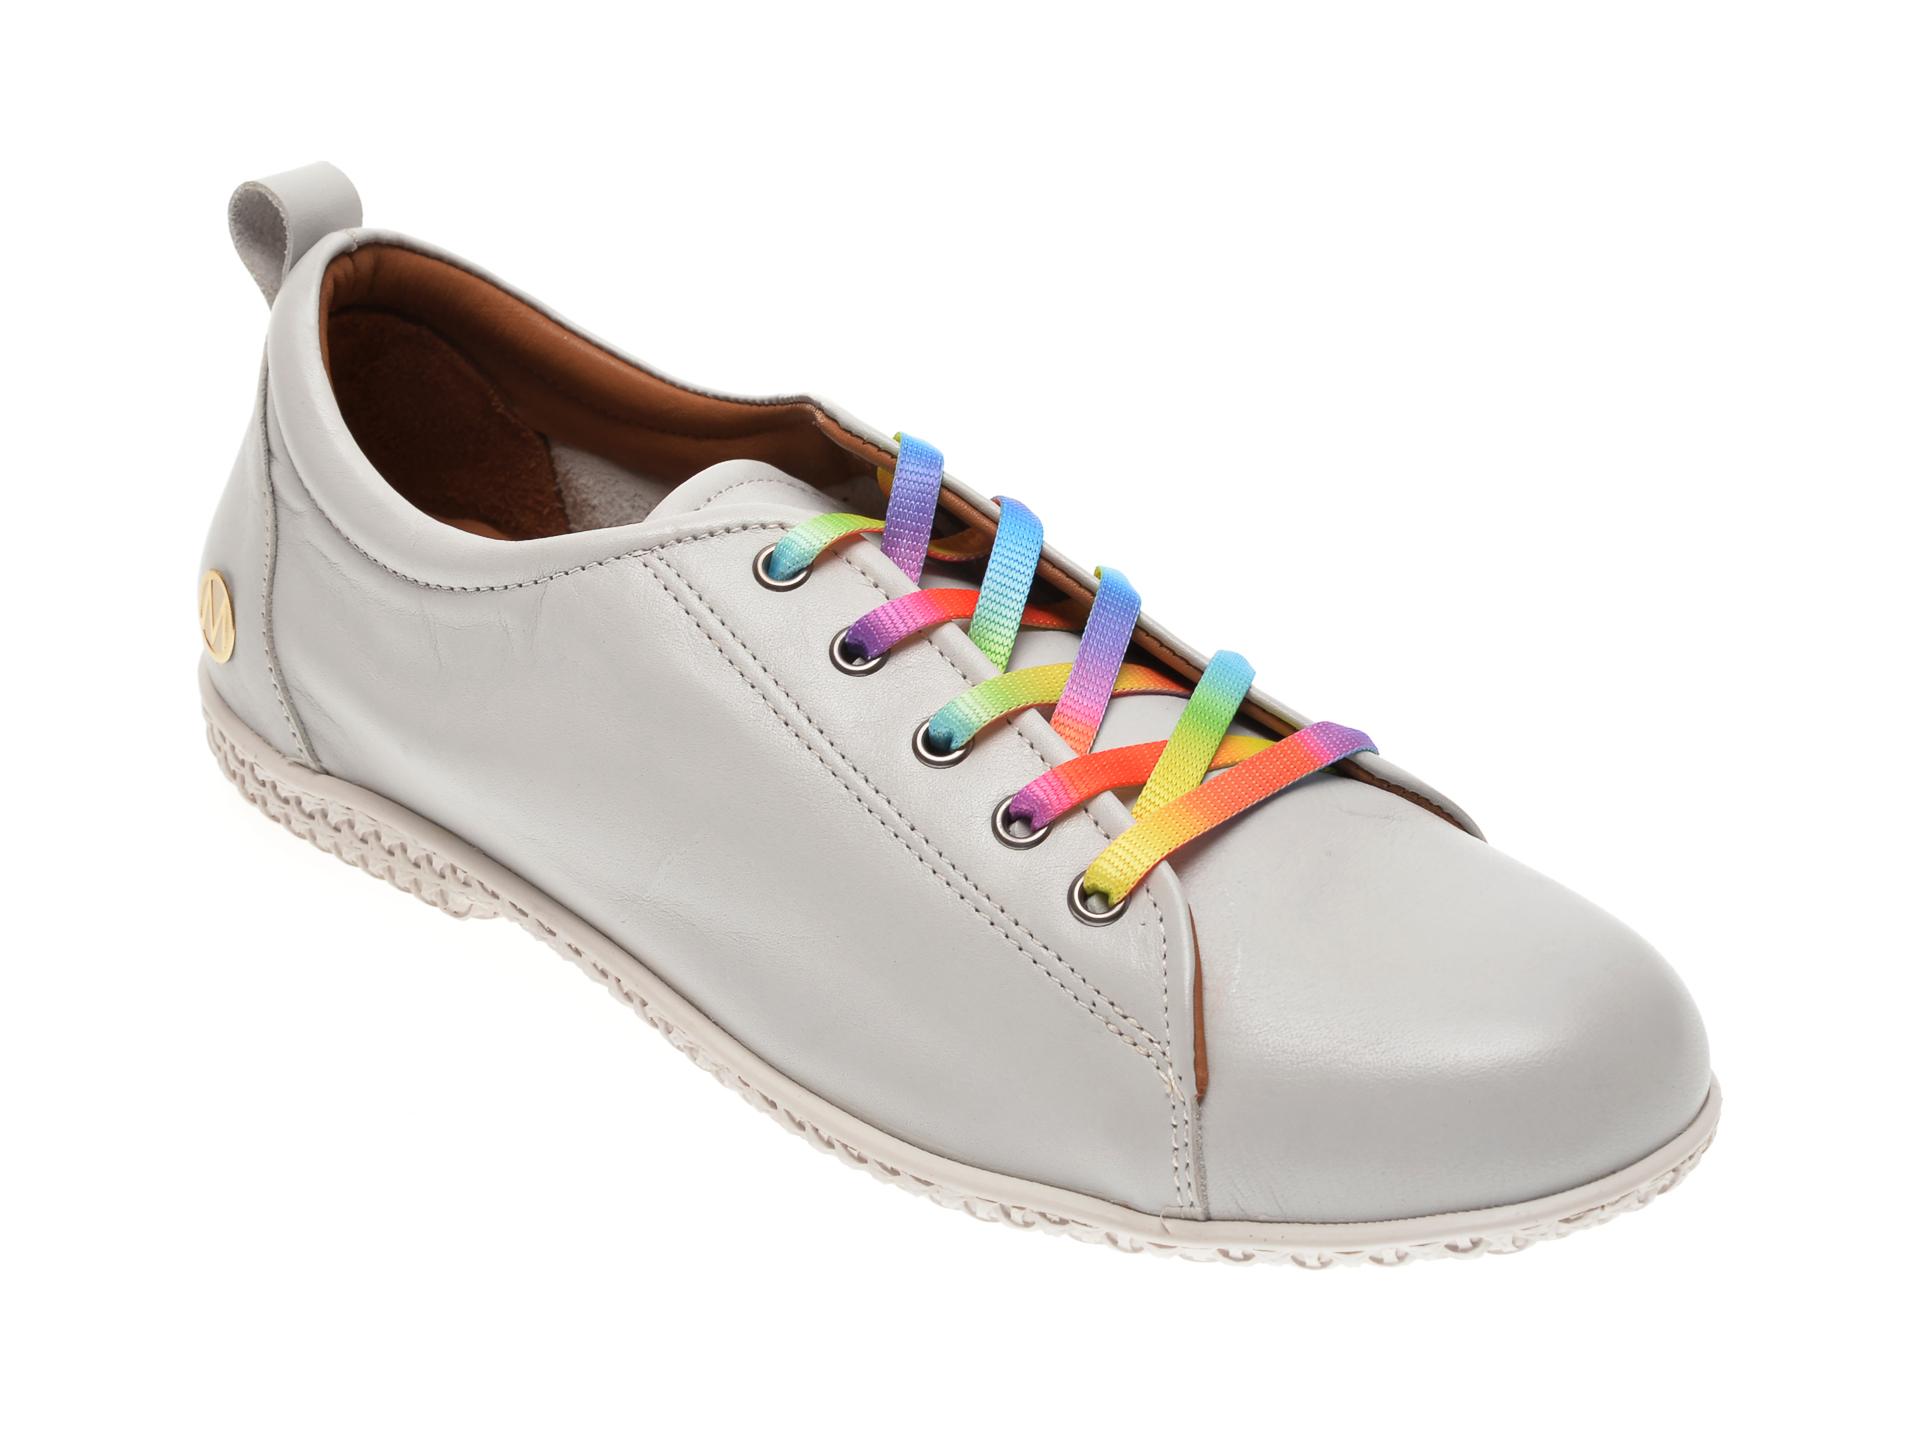 Pantofi MESSIMODA gri, 20Y3569, din piele naturala